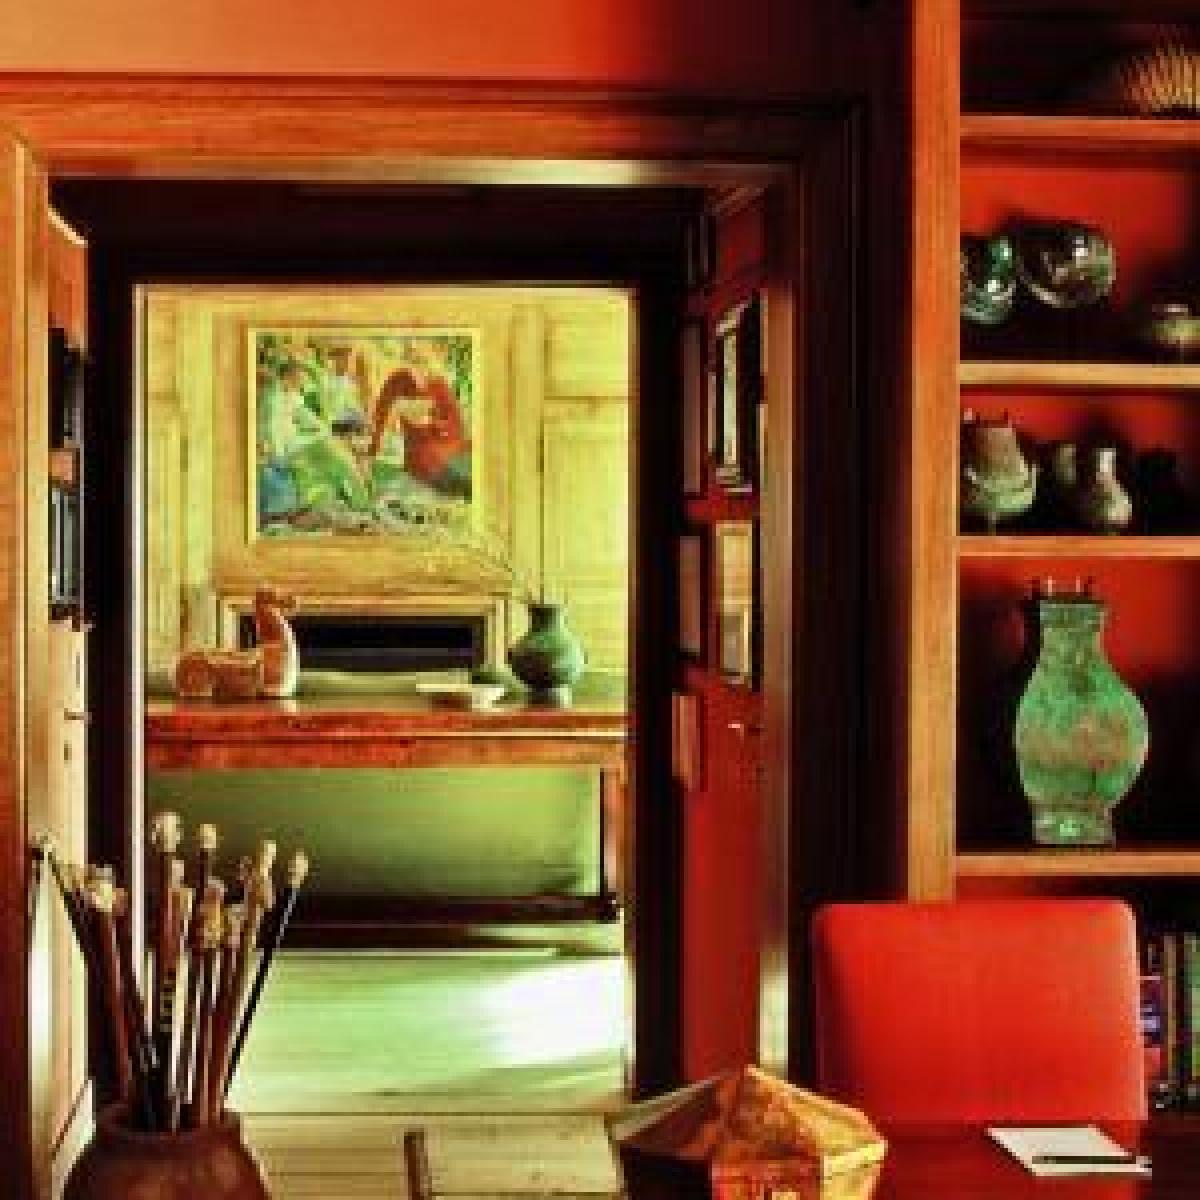 Gewaltig Ethno Möbel Beste Wahl Ethno-style: Eine Weltreise Im Eigenen Wohnzimmer -